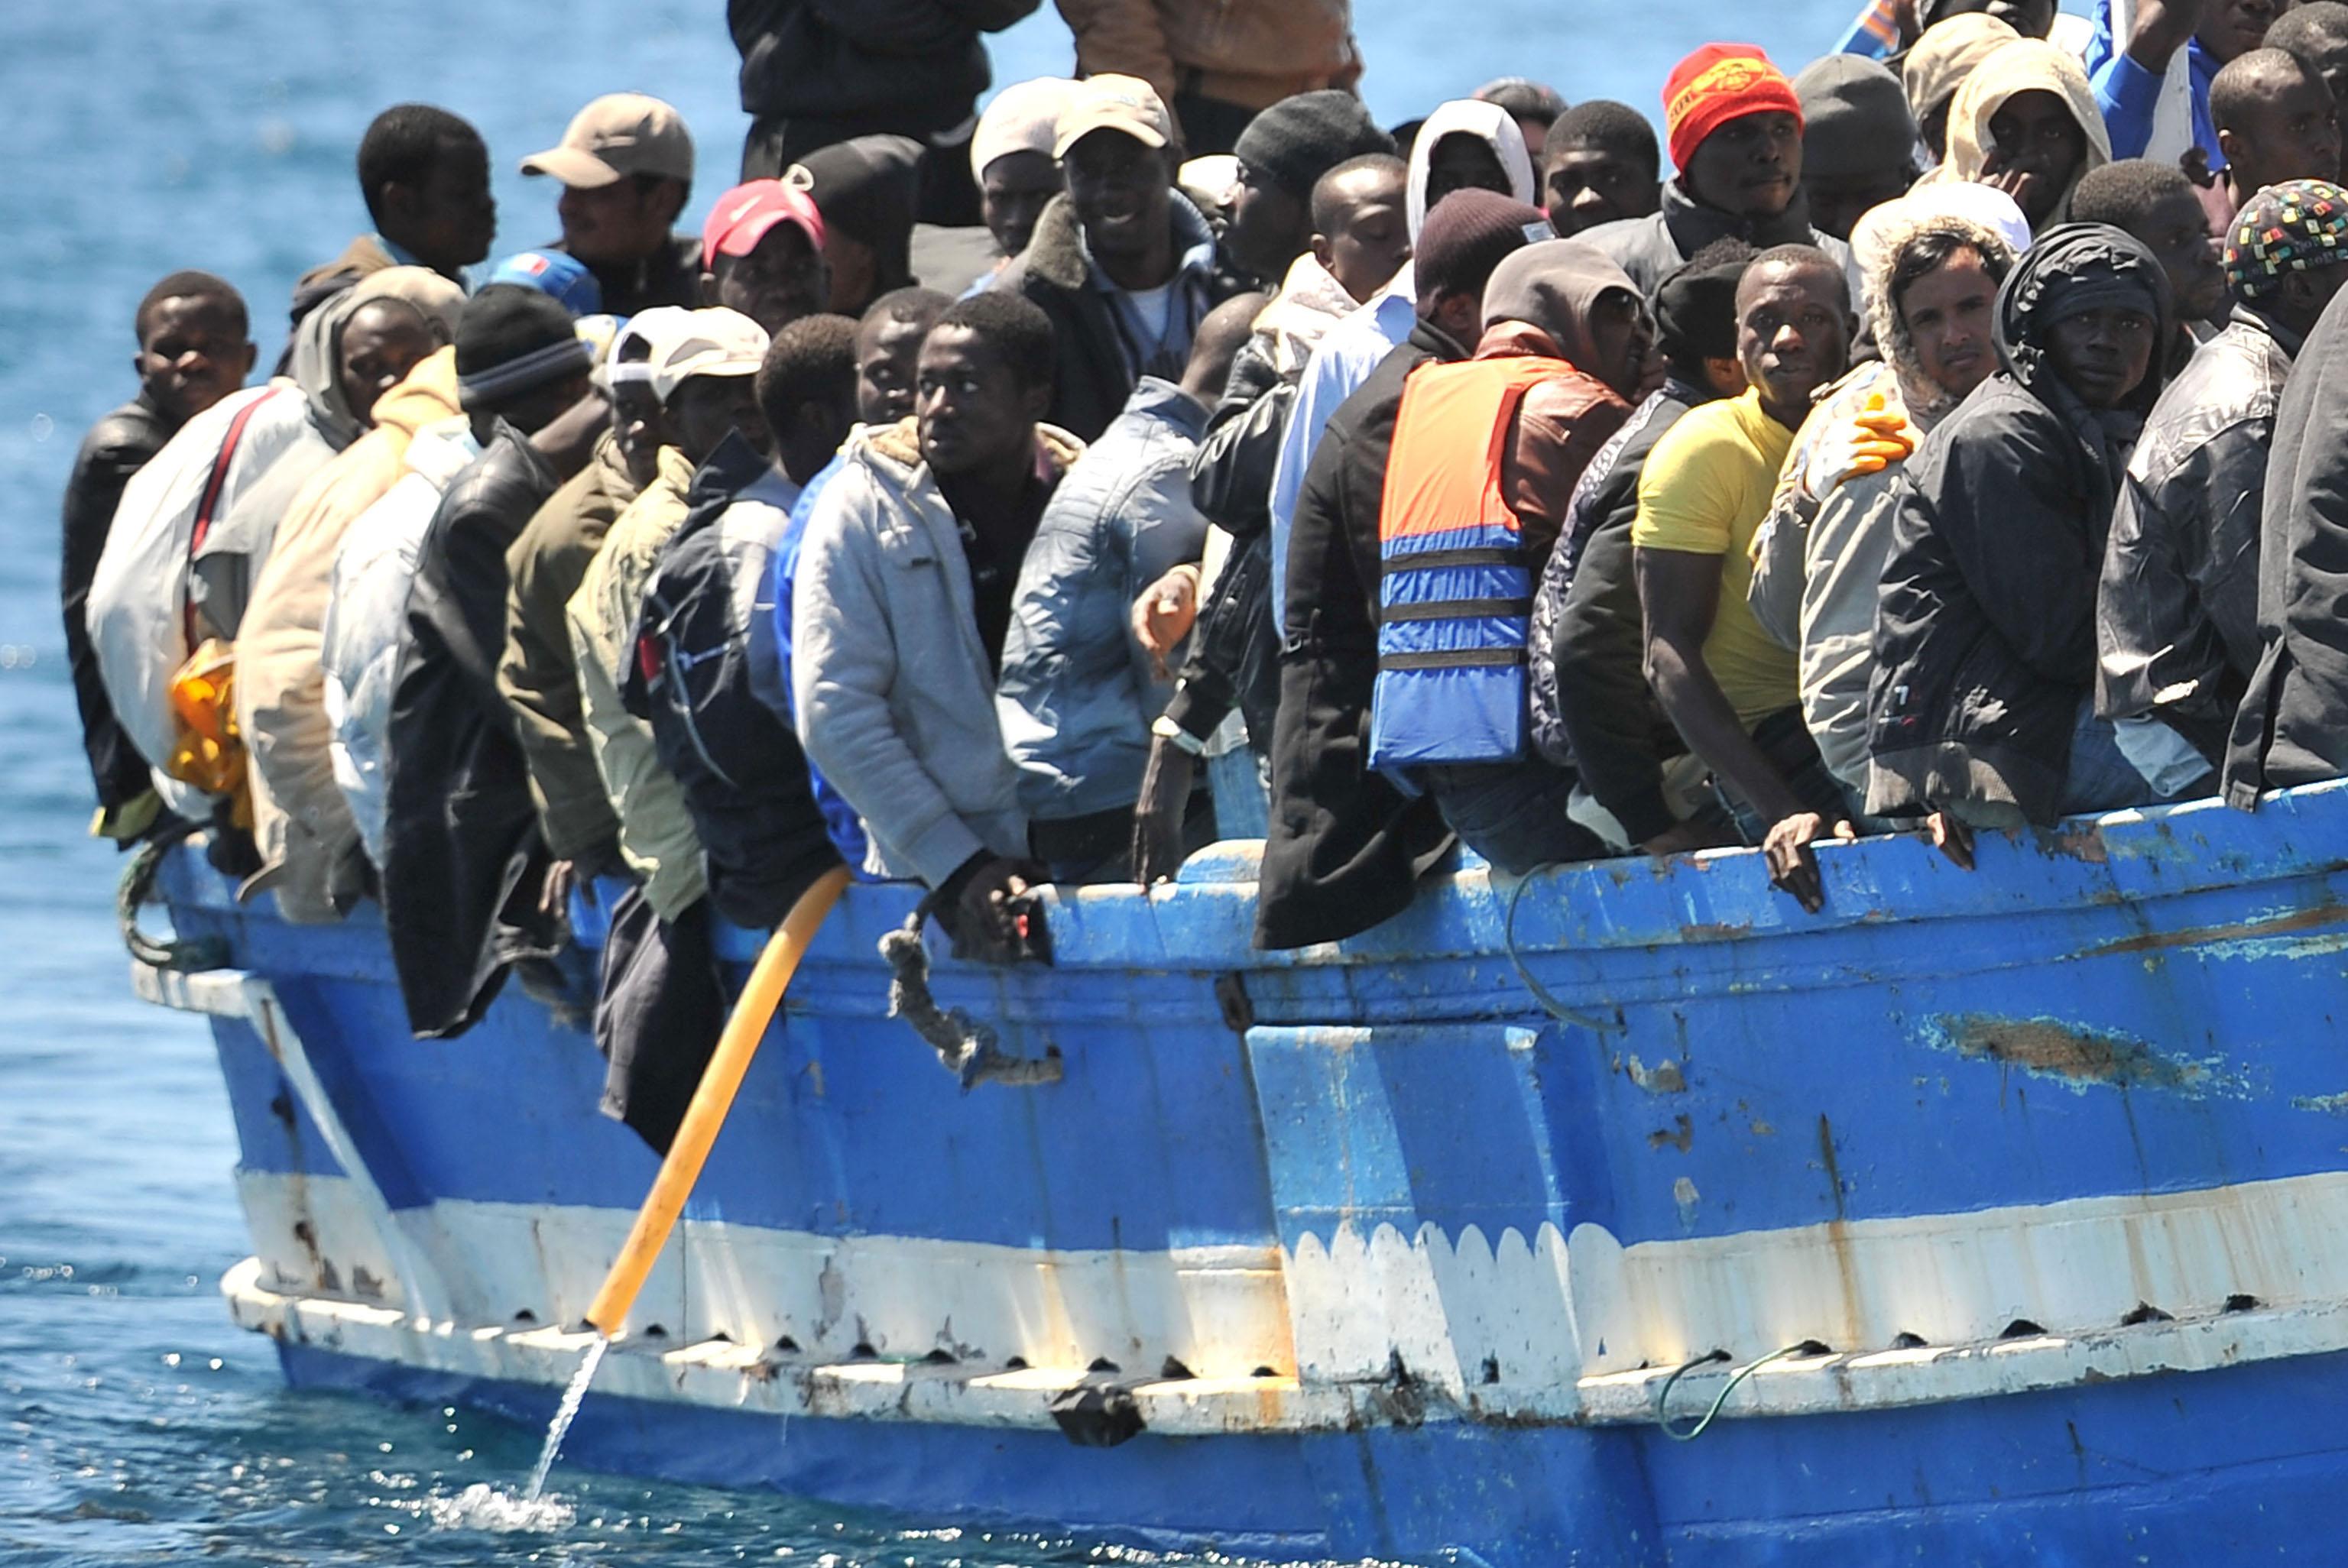 Migranti in arrivo in Abruzzo da Calabria e Campania